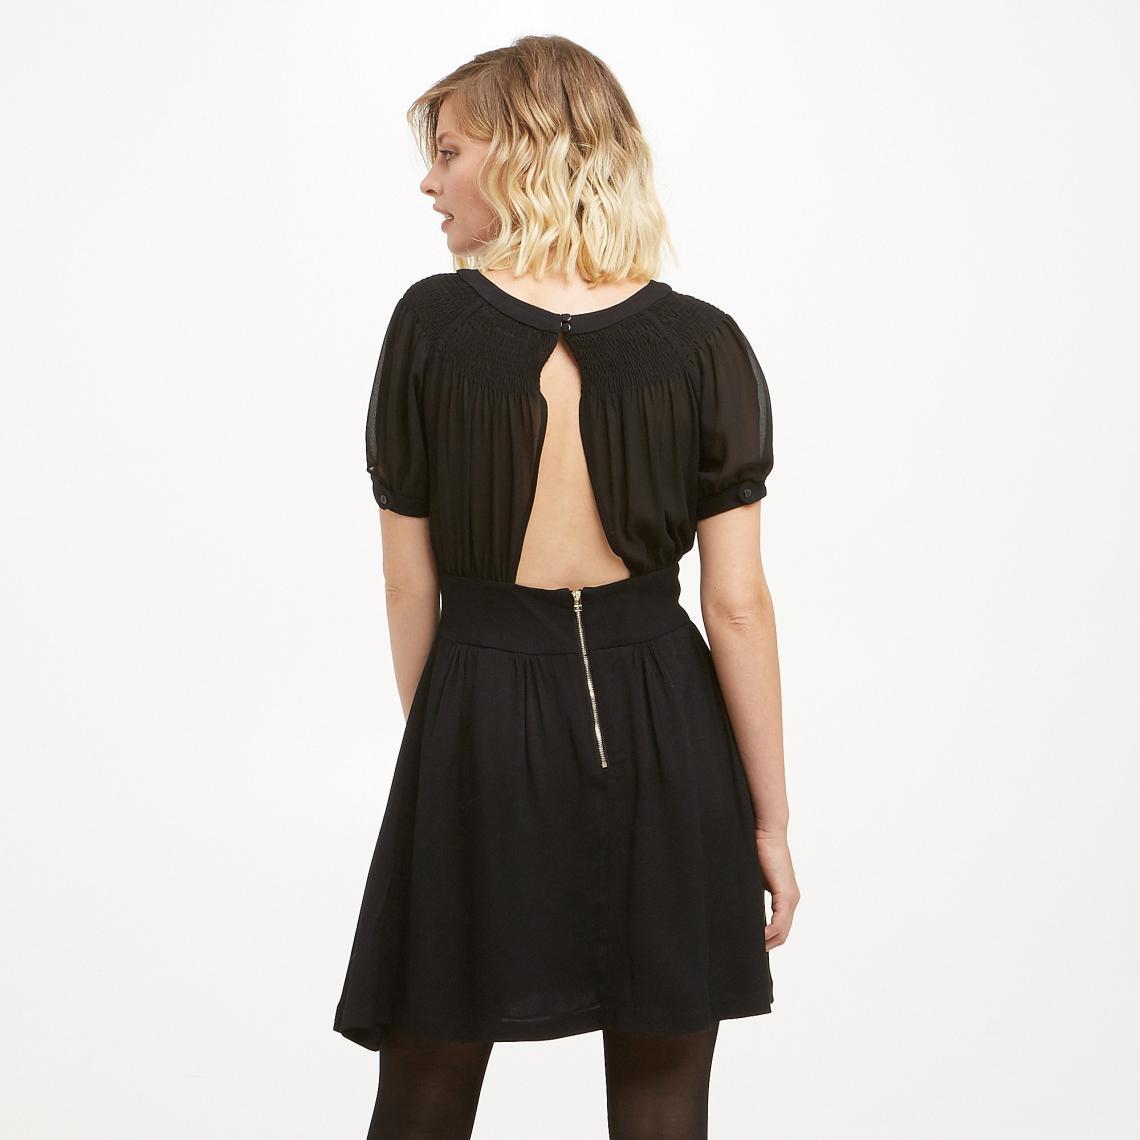 7b0534376da Robe courte col rond manches courtes unie femme See U Soon - Noir ...